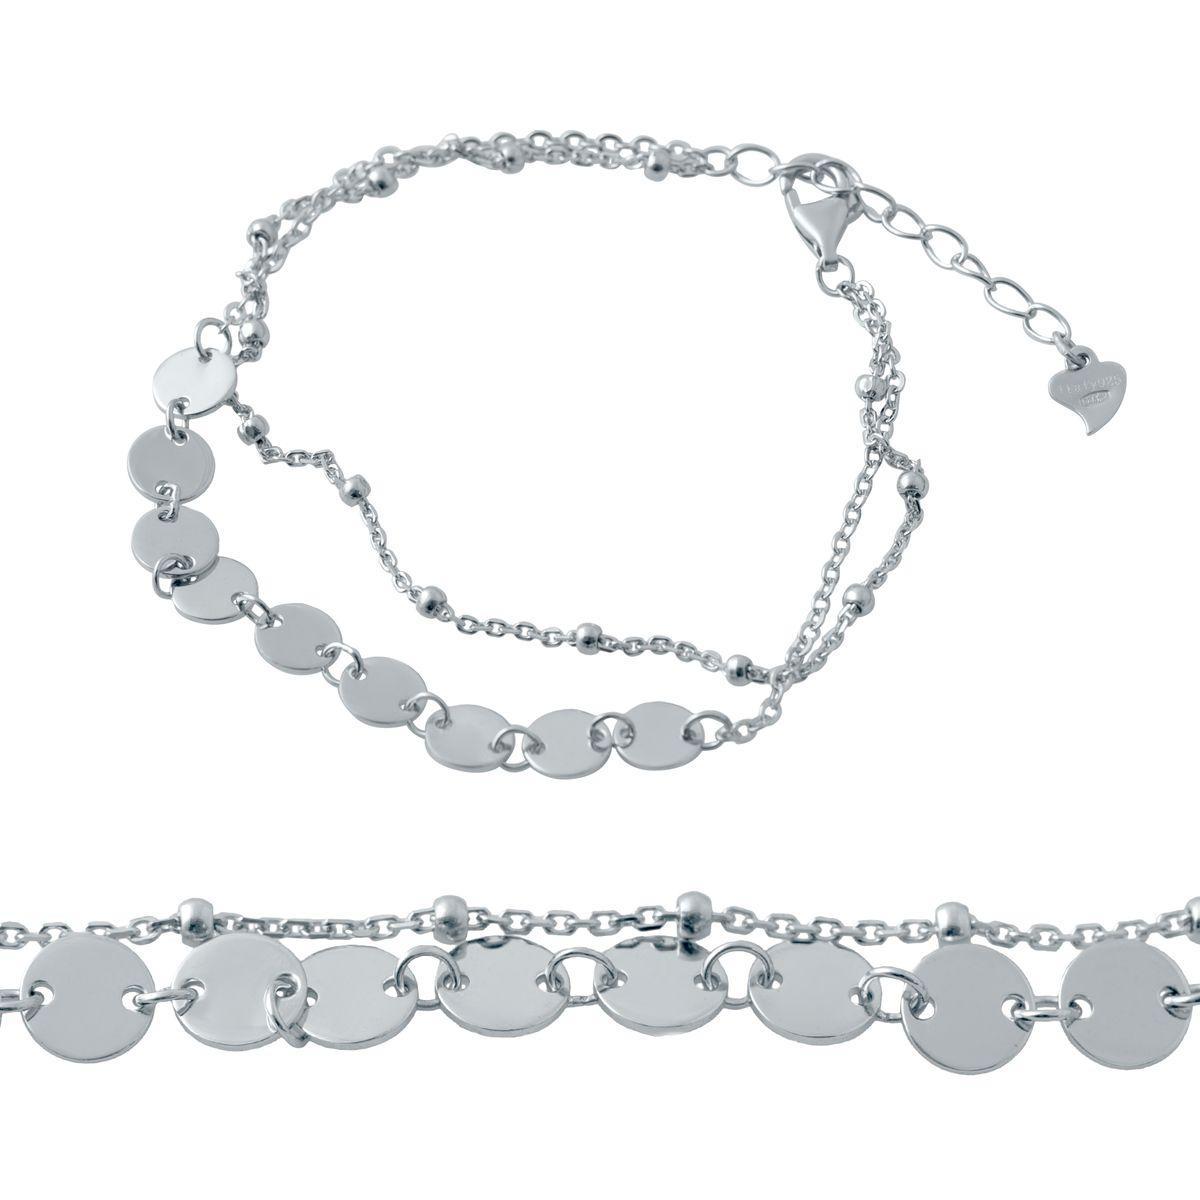 Срібний браслет MioDio без каменів (2037156) 1720 розмір